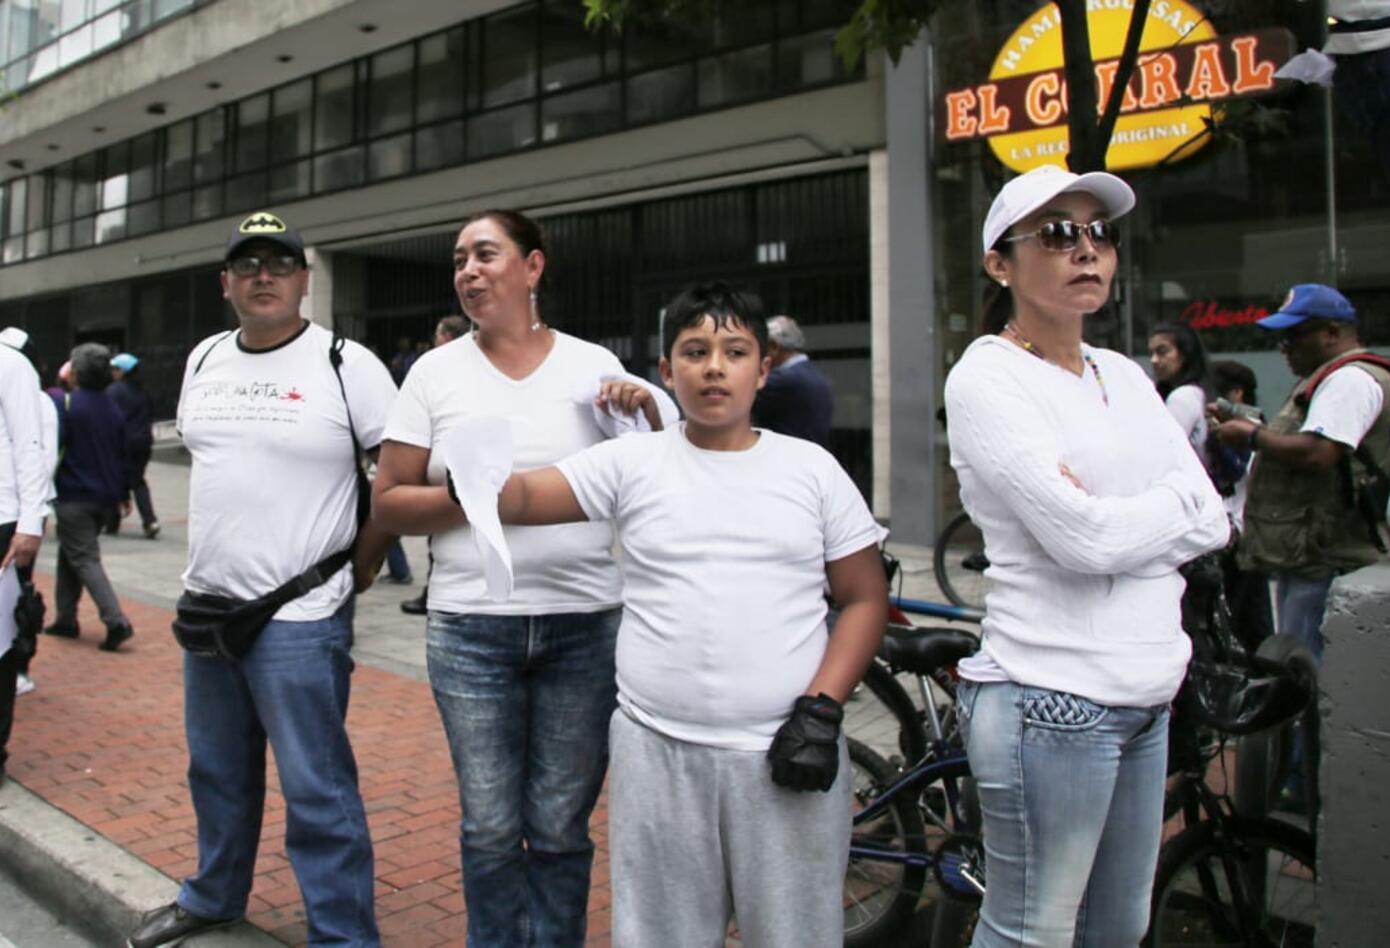 Marcha contra la violencia en Bogotá